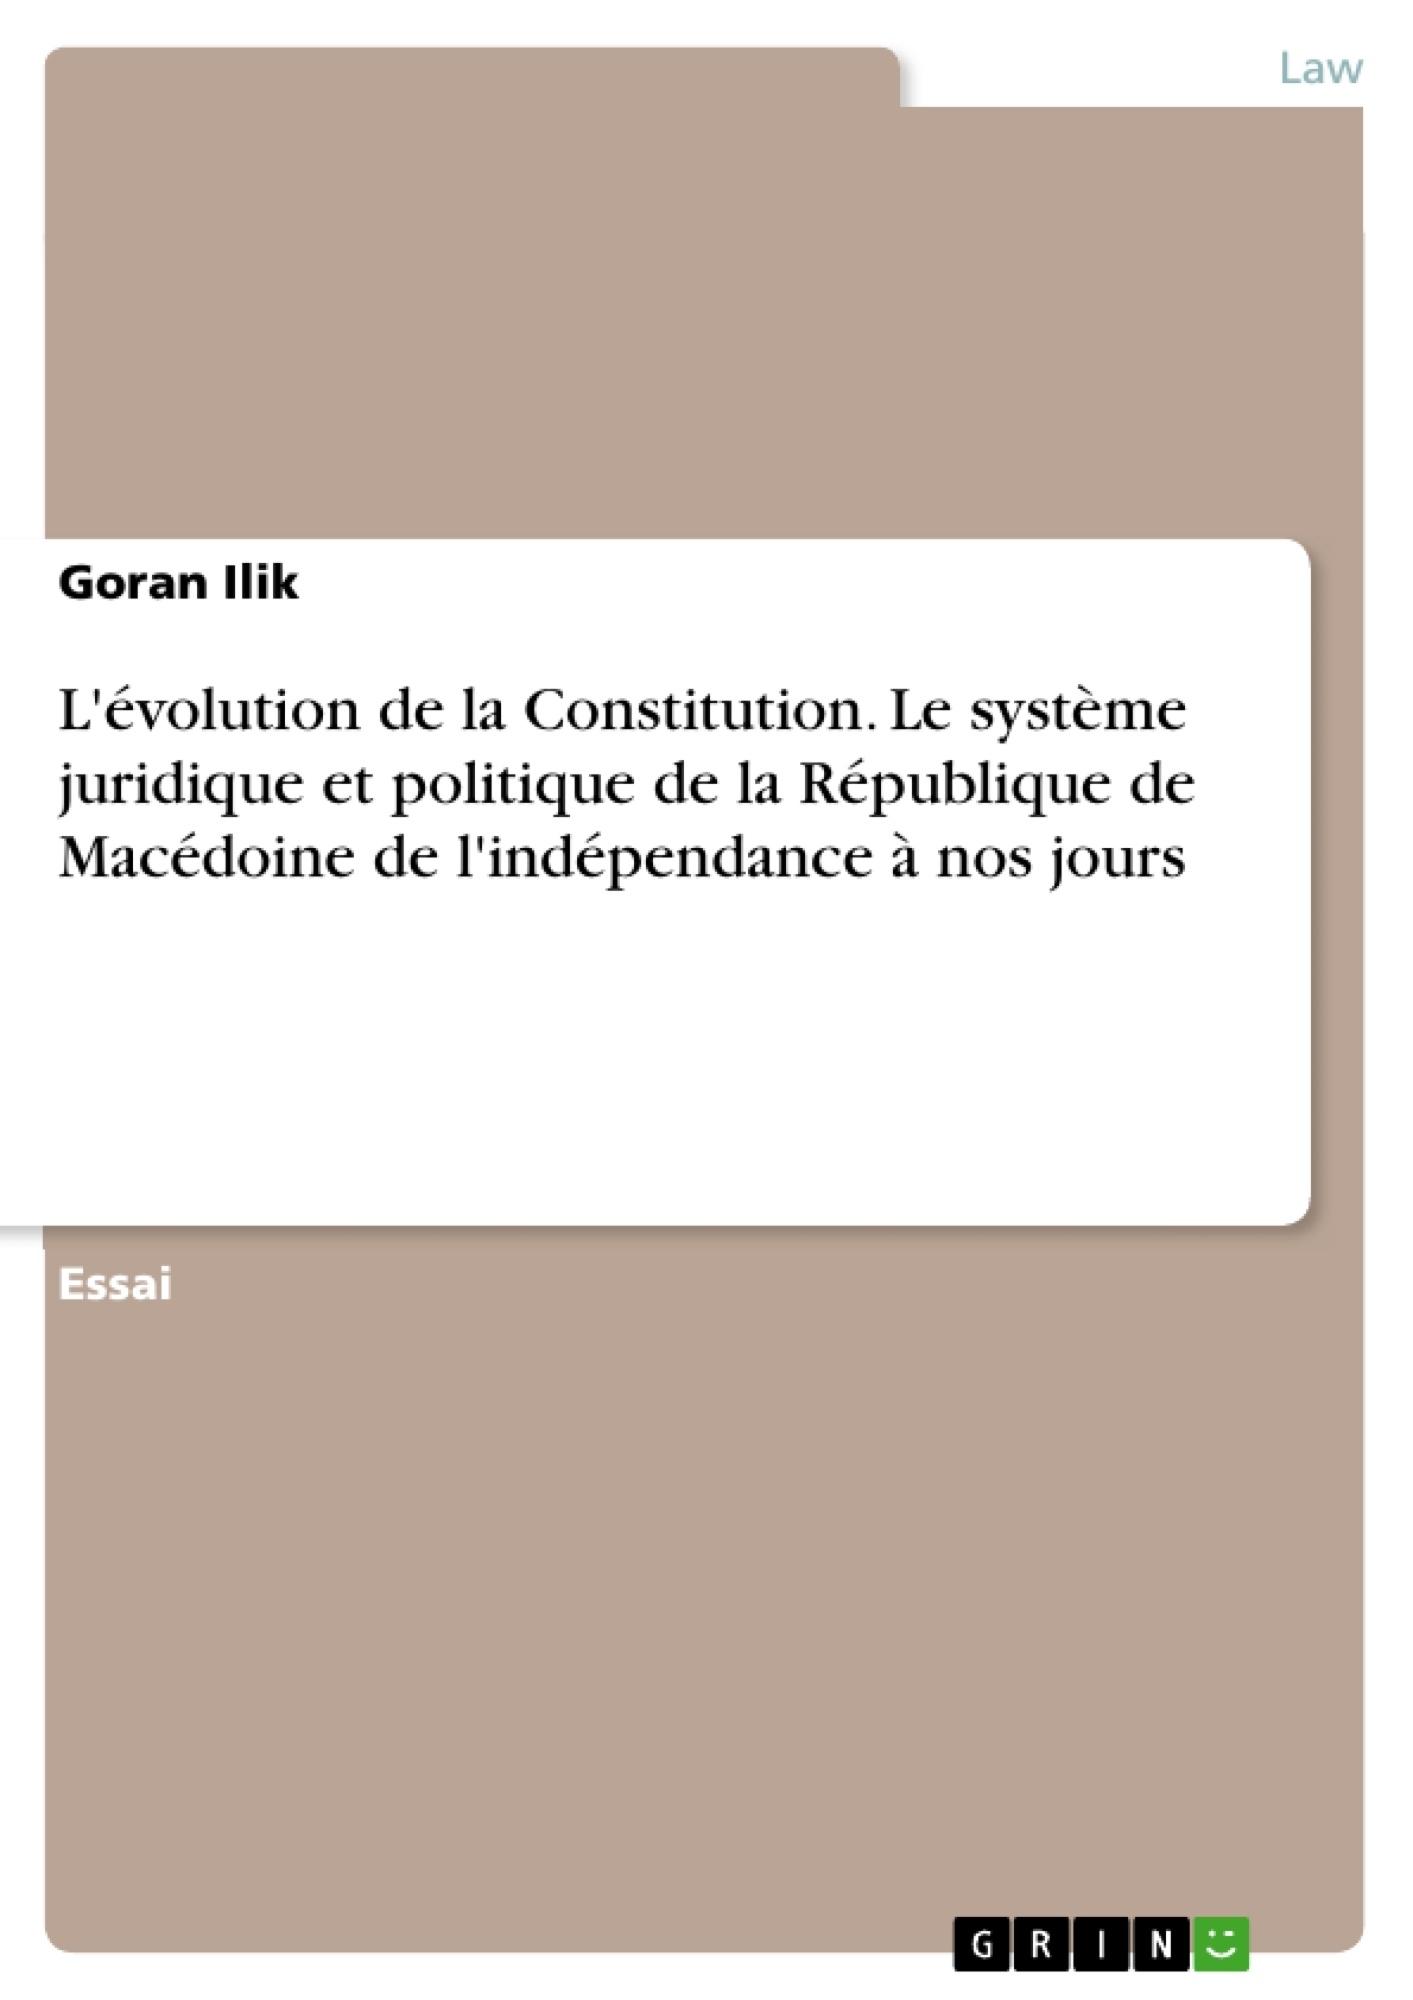 Titre: L'évolution de la Constitution. Le système juridique et politique de la République de Macédoine de l'indépendance à nos jours